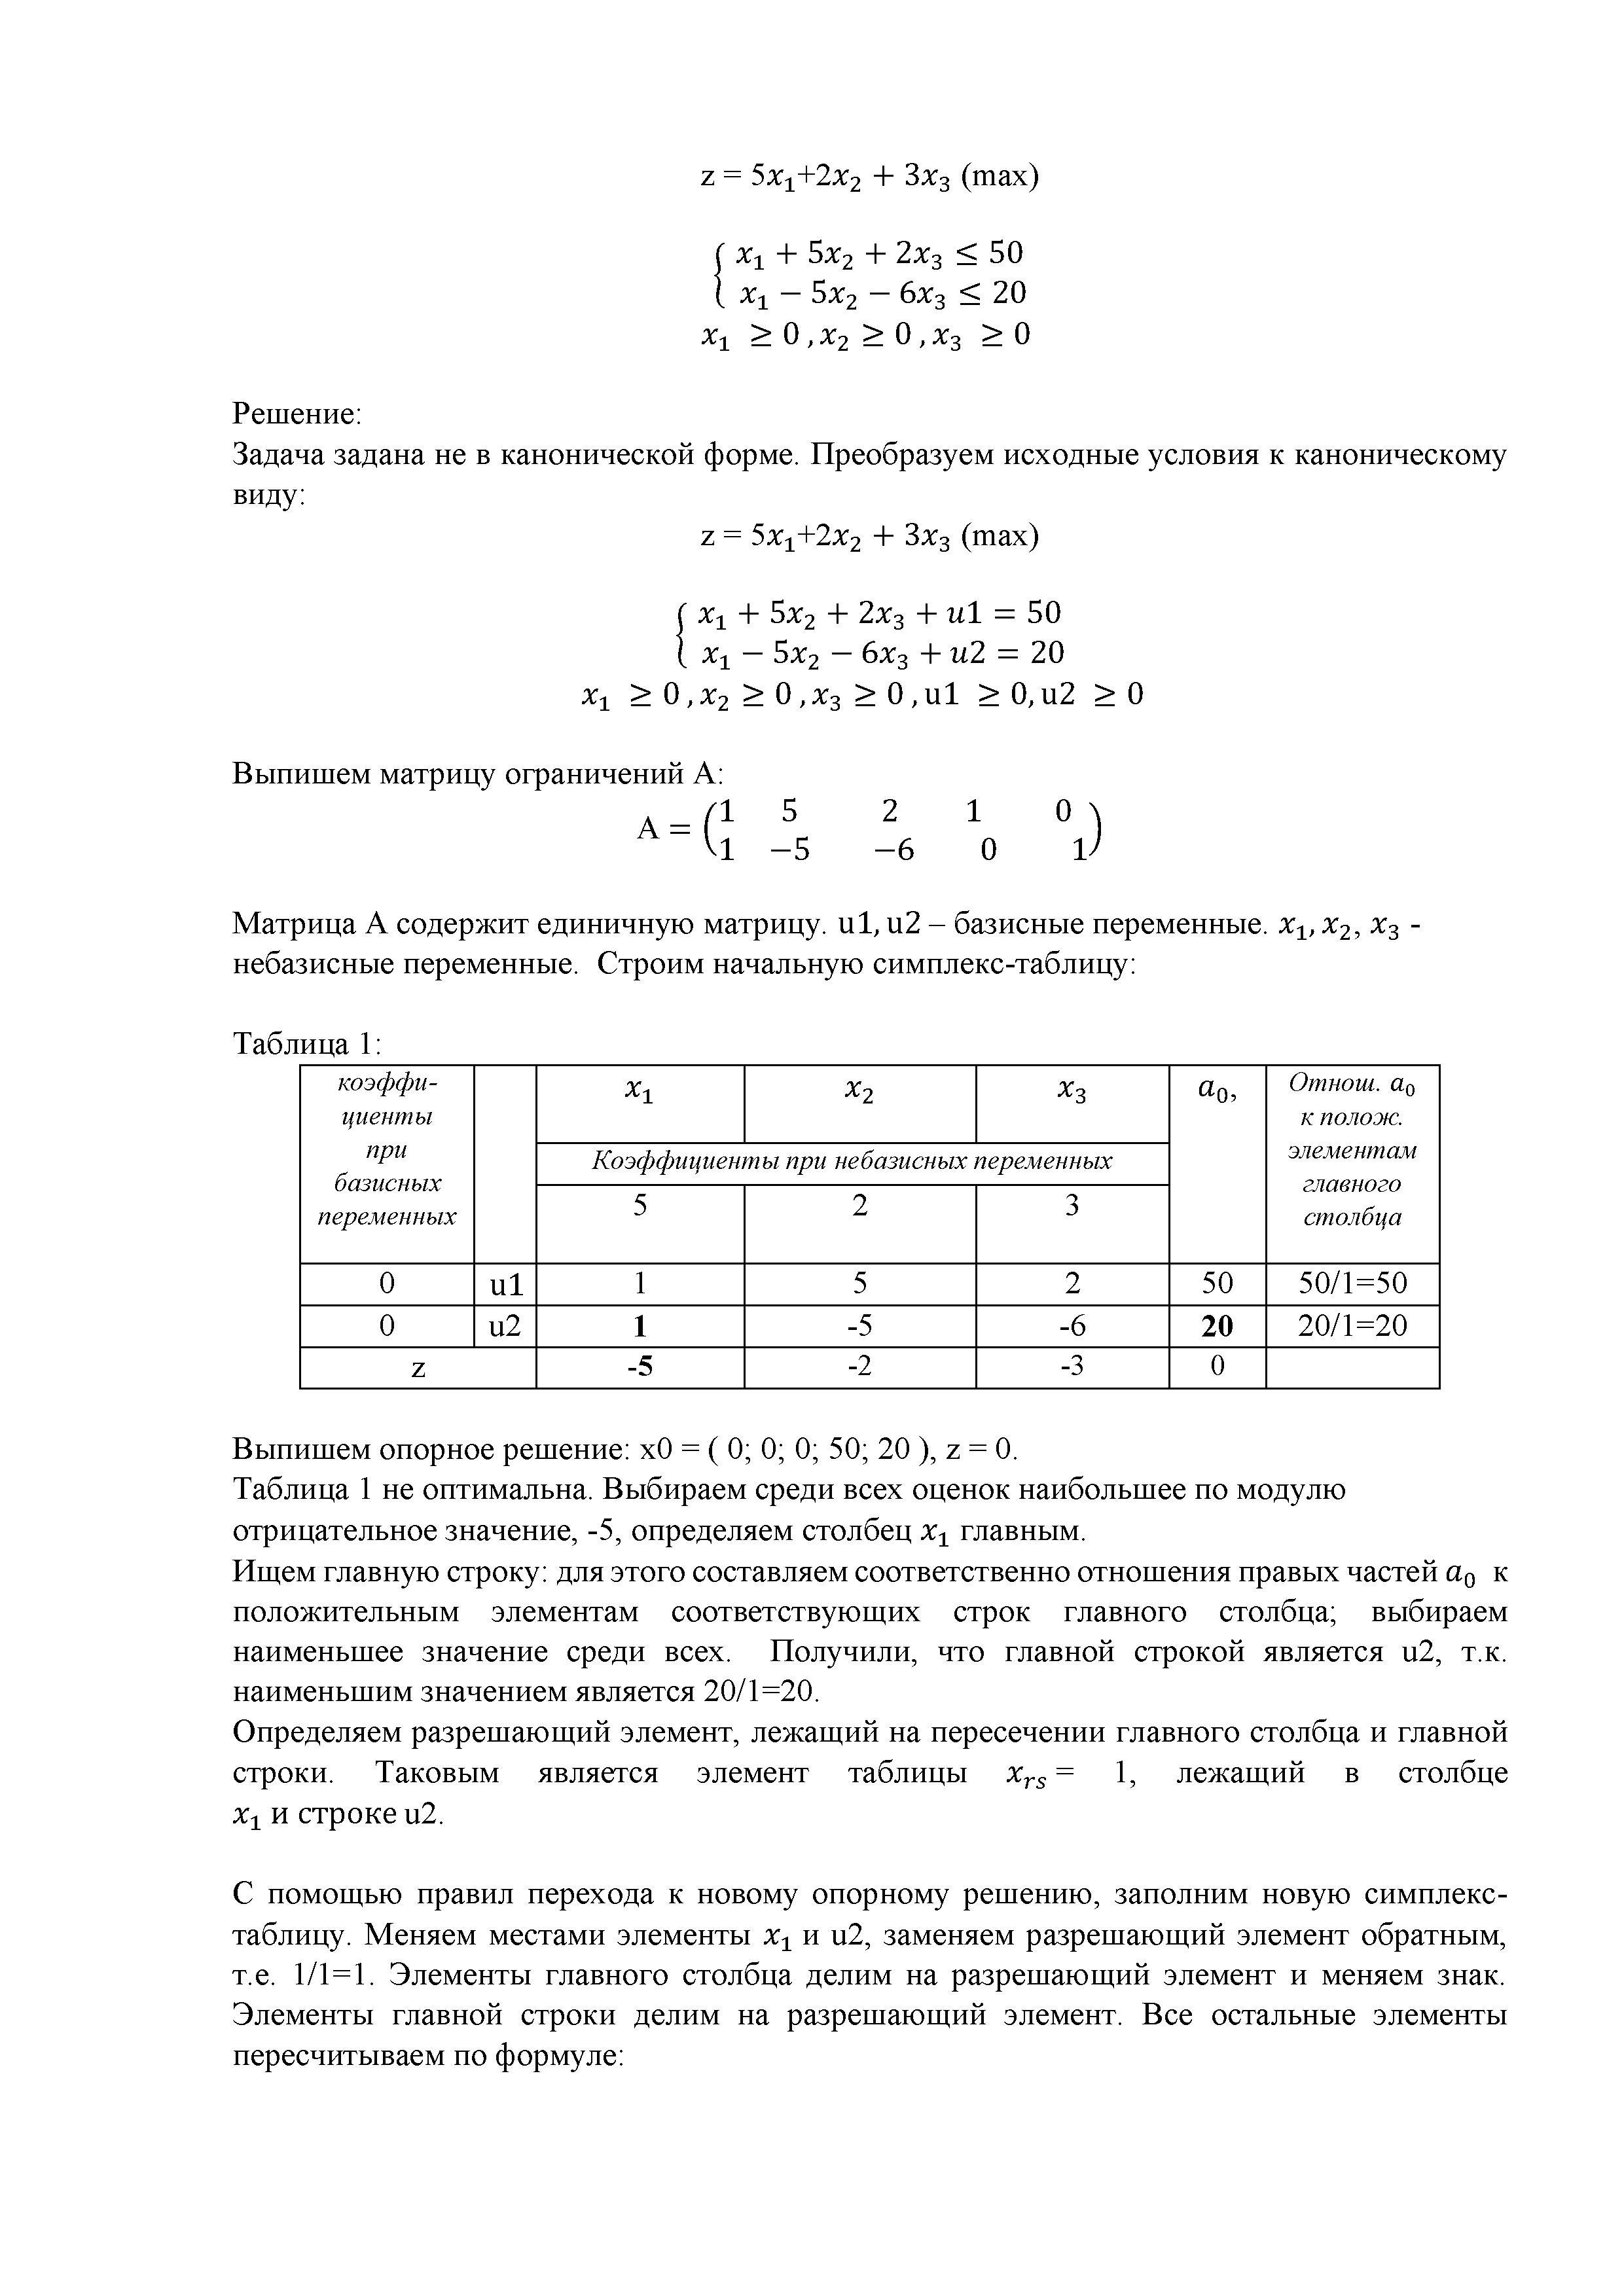 решение задачи линейного программирования симплекс-методом с естественным базисом